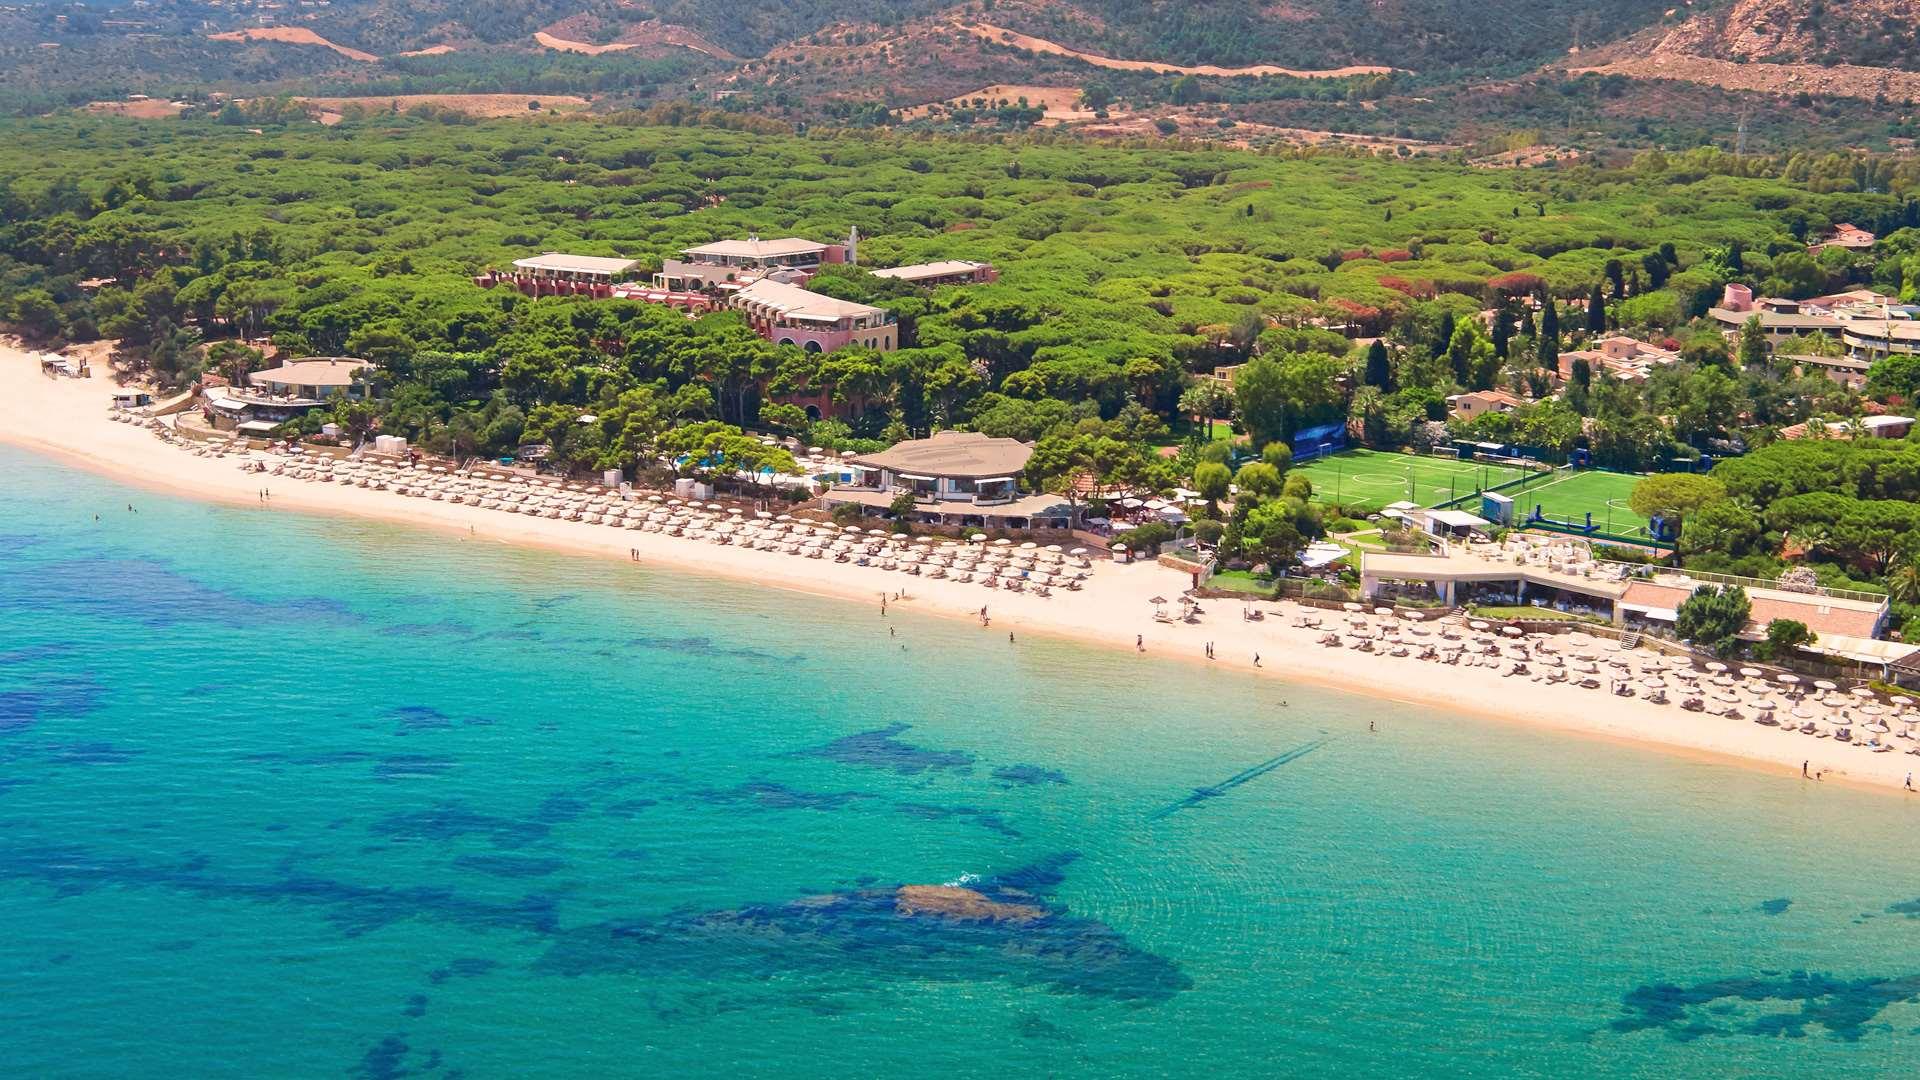 Resort Sardegna Feriendorf all inclusive und Luxusresidenz ...